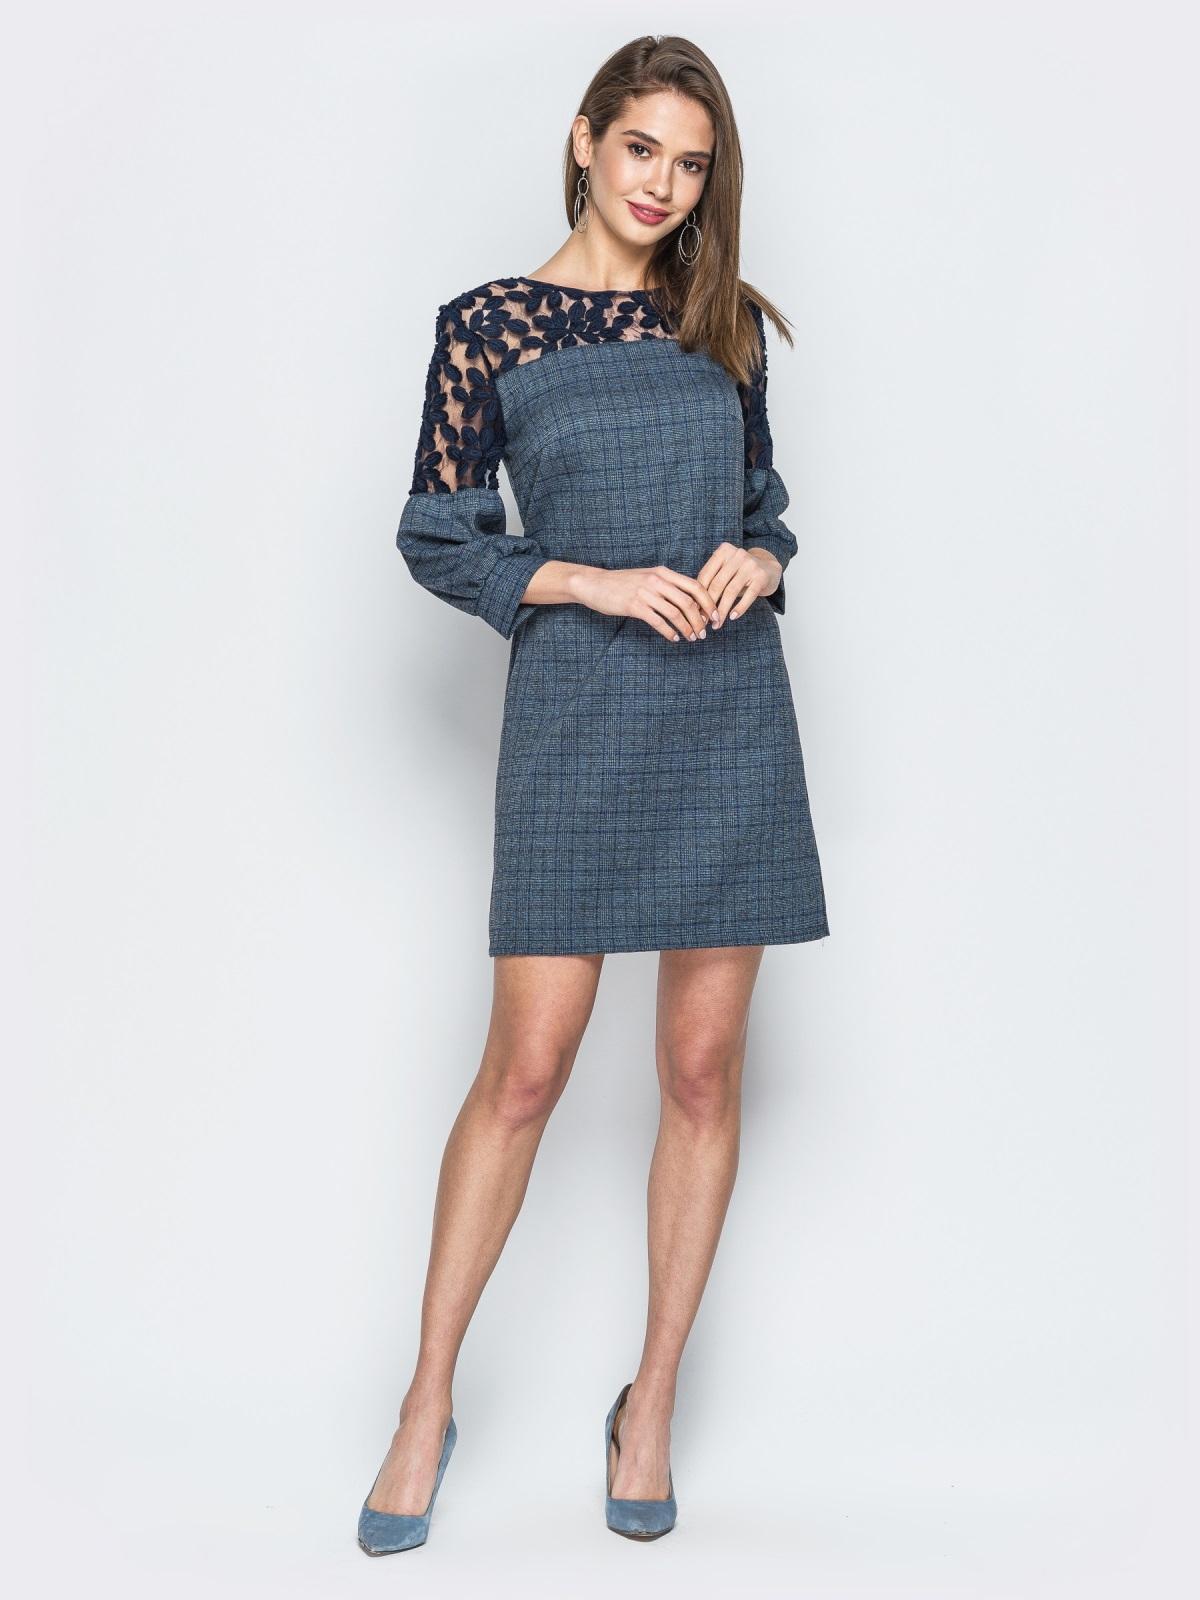 Платье синего цвета с сеткой на рукавах - 19059, фото 1 – интернет-магазин Dressa